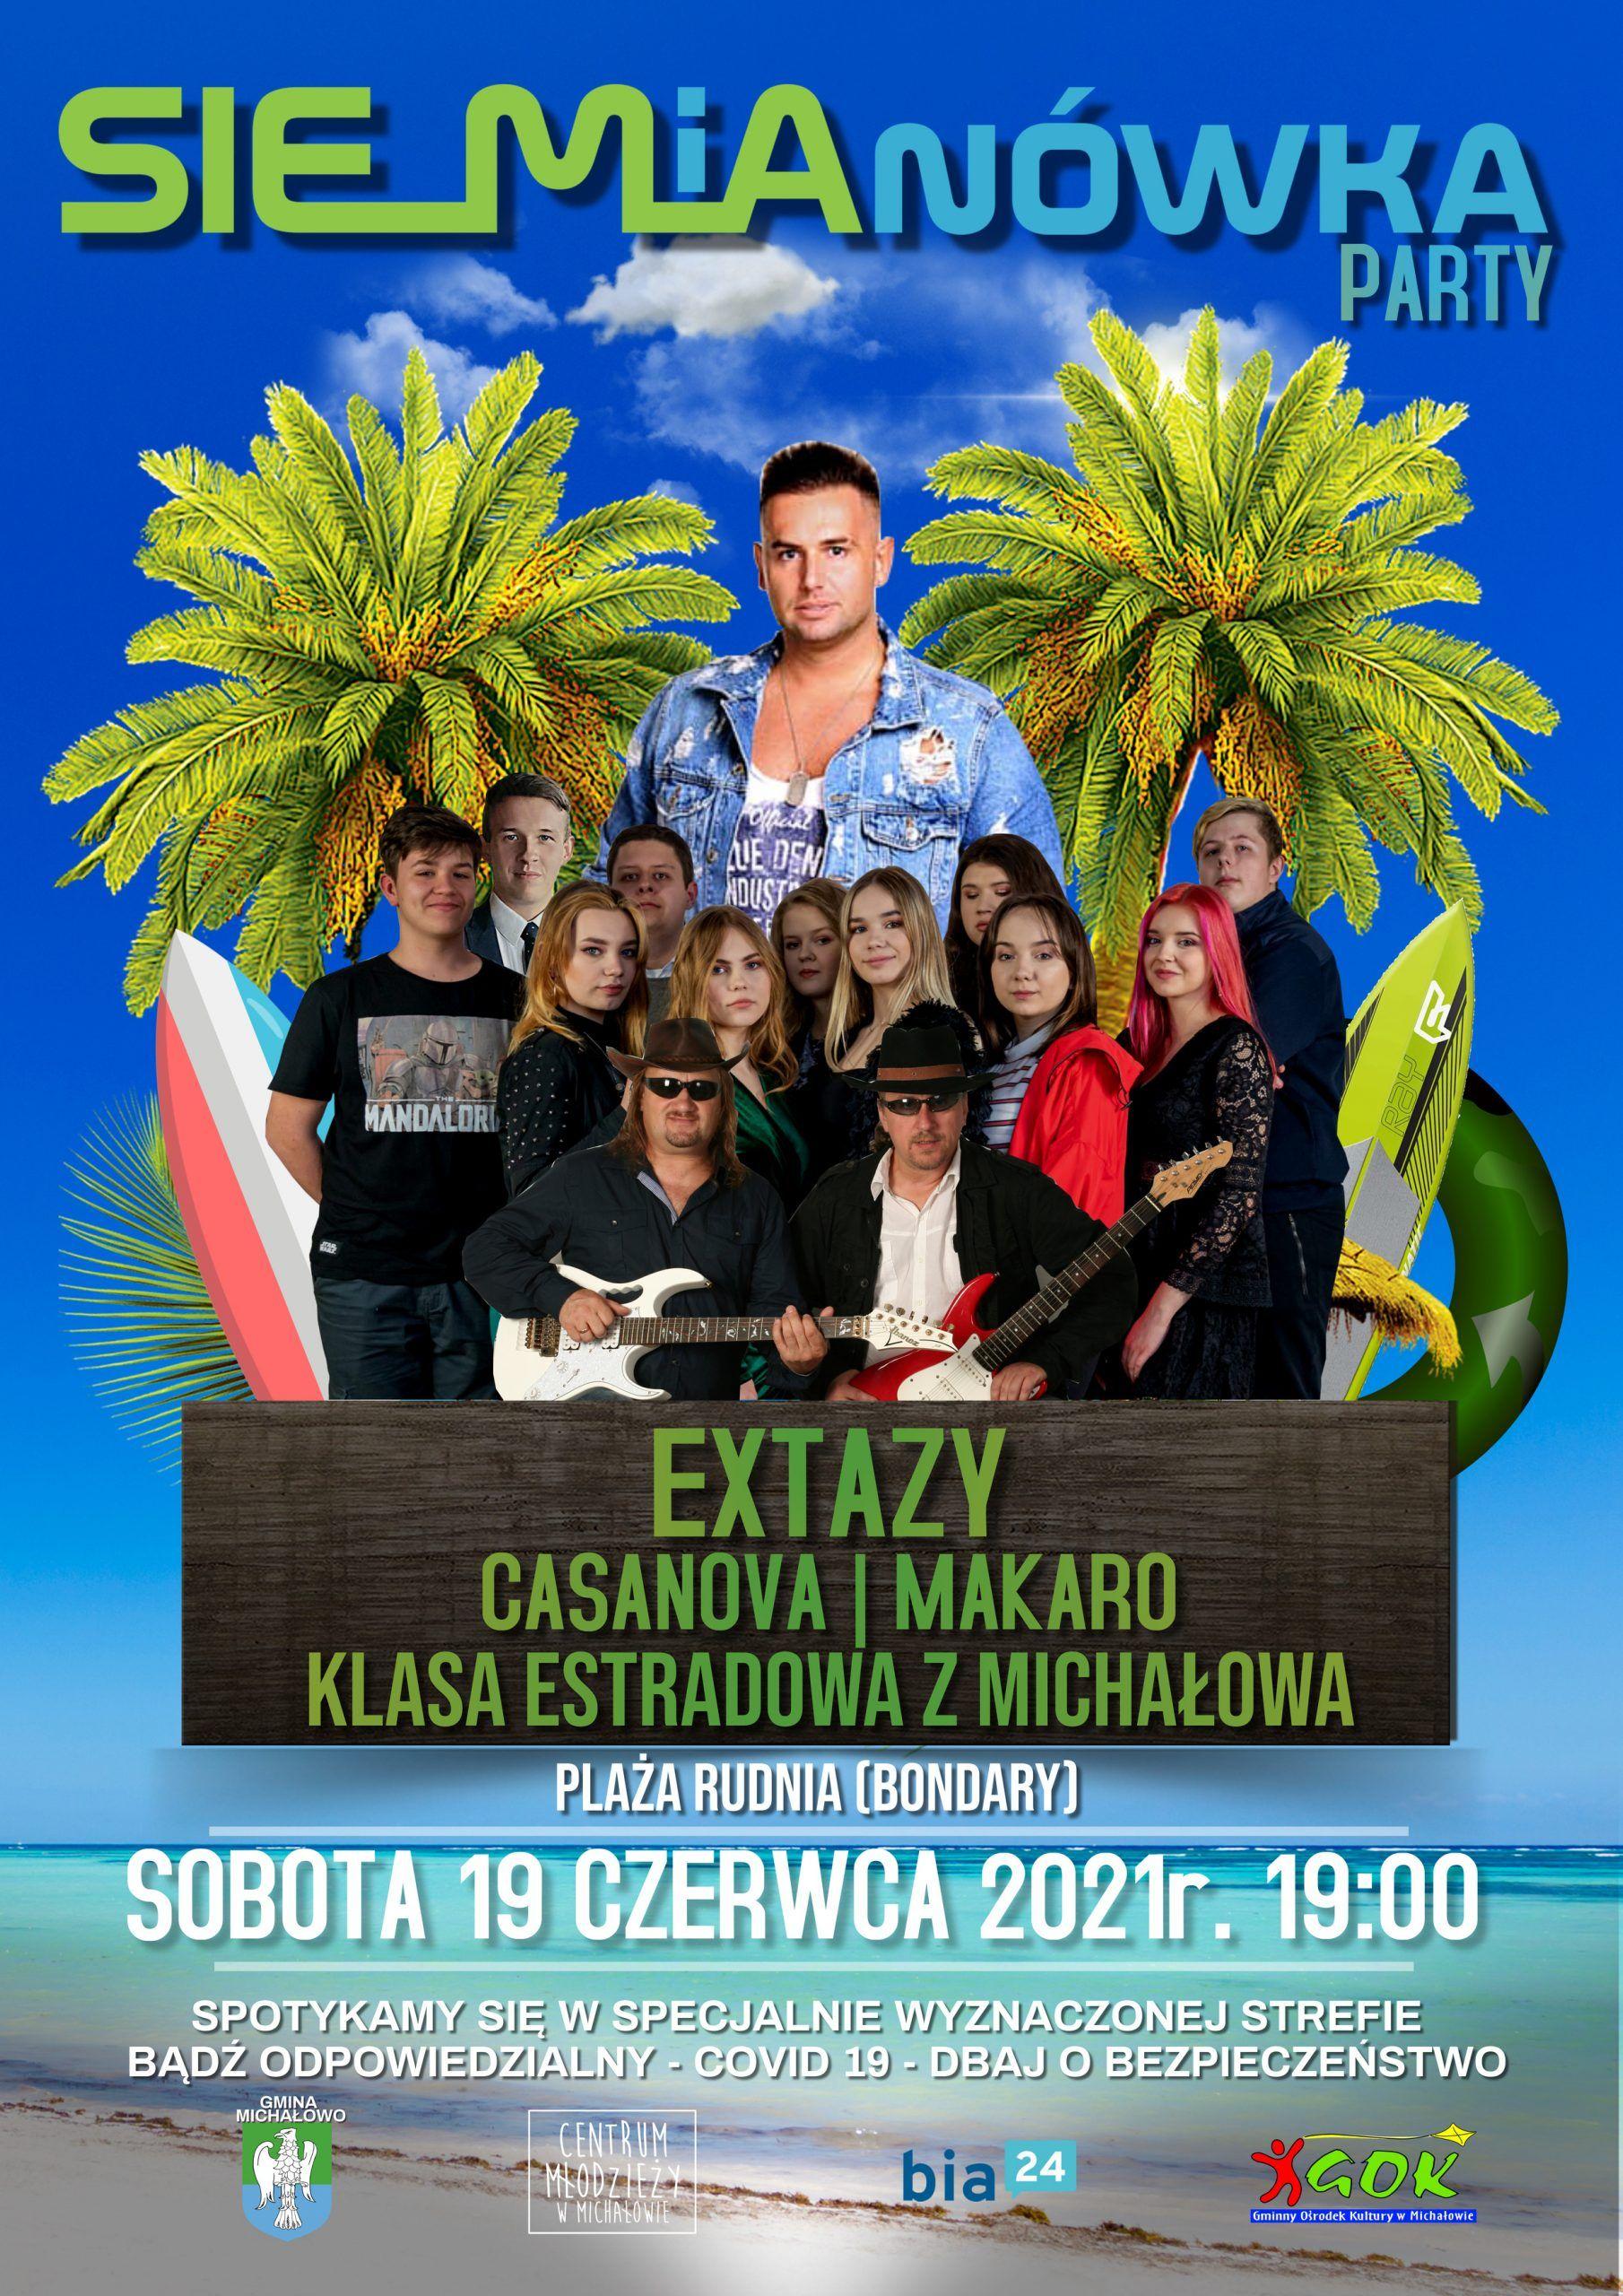 19.06.2021 siemianowka party extazy plakat final